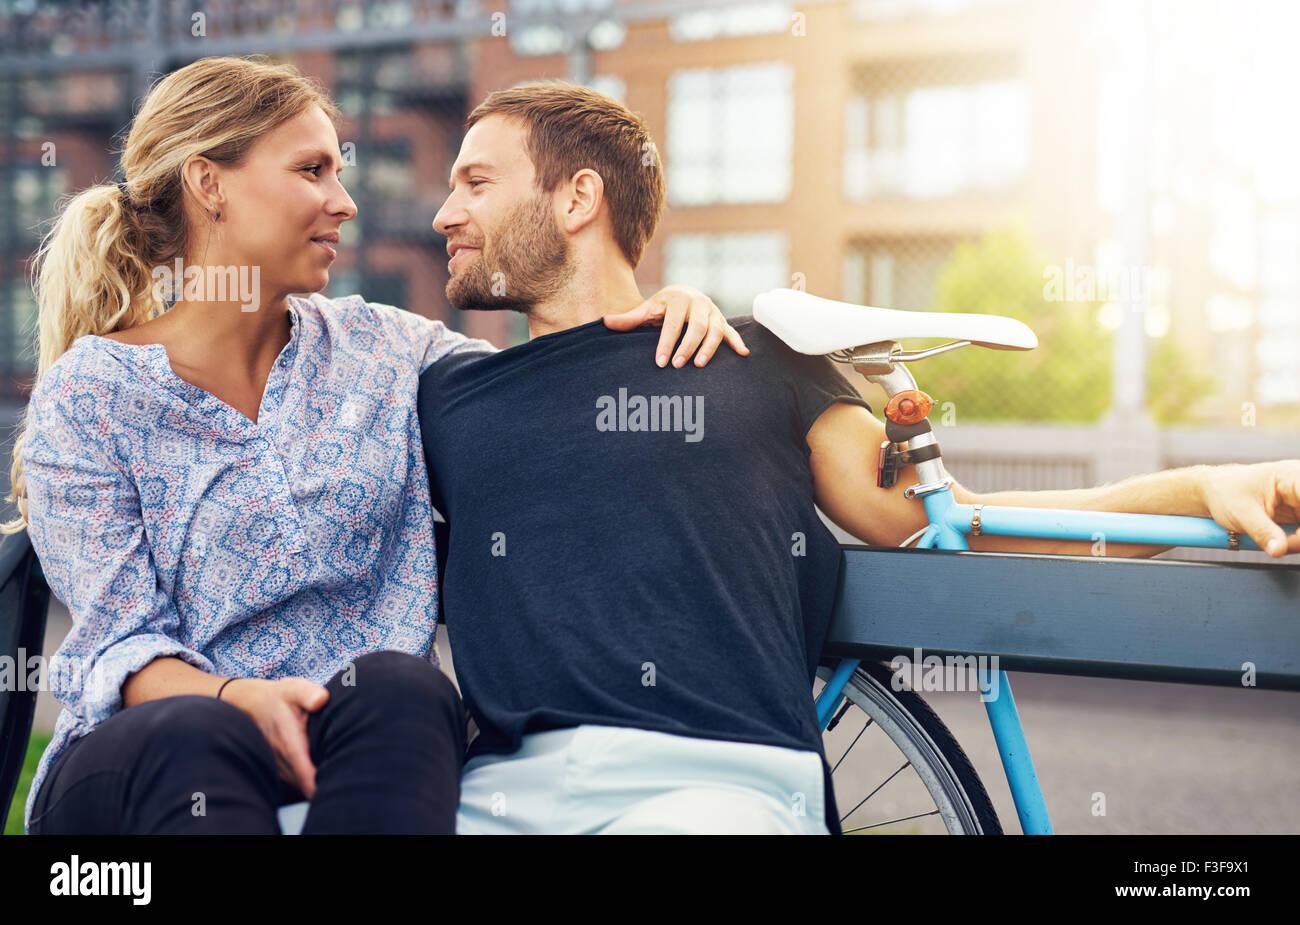 Couple d'amoureux assis sur un banc dans un environnement urbain Photo Stock